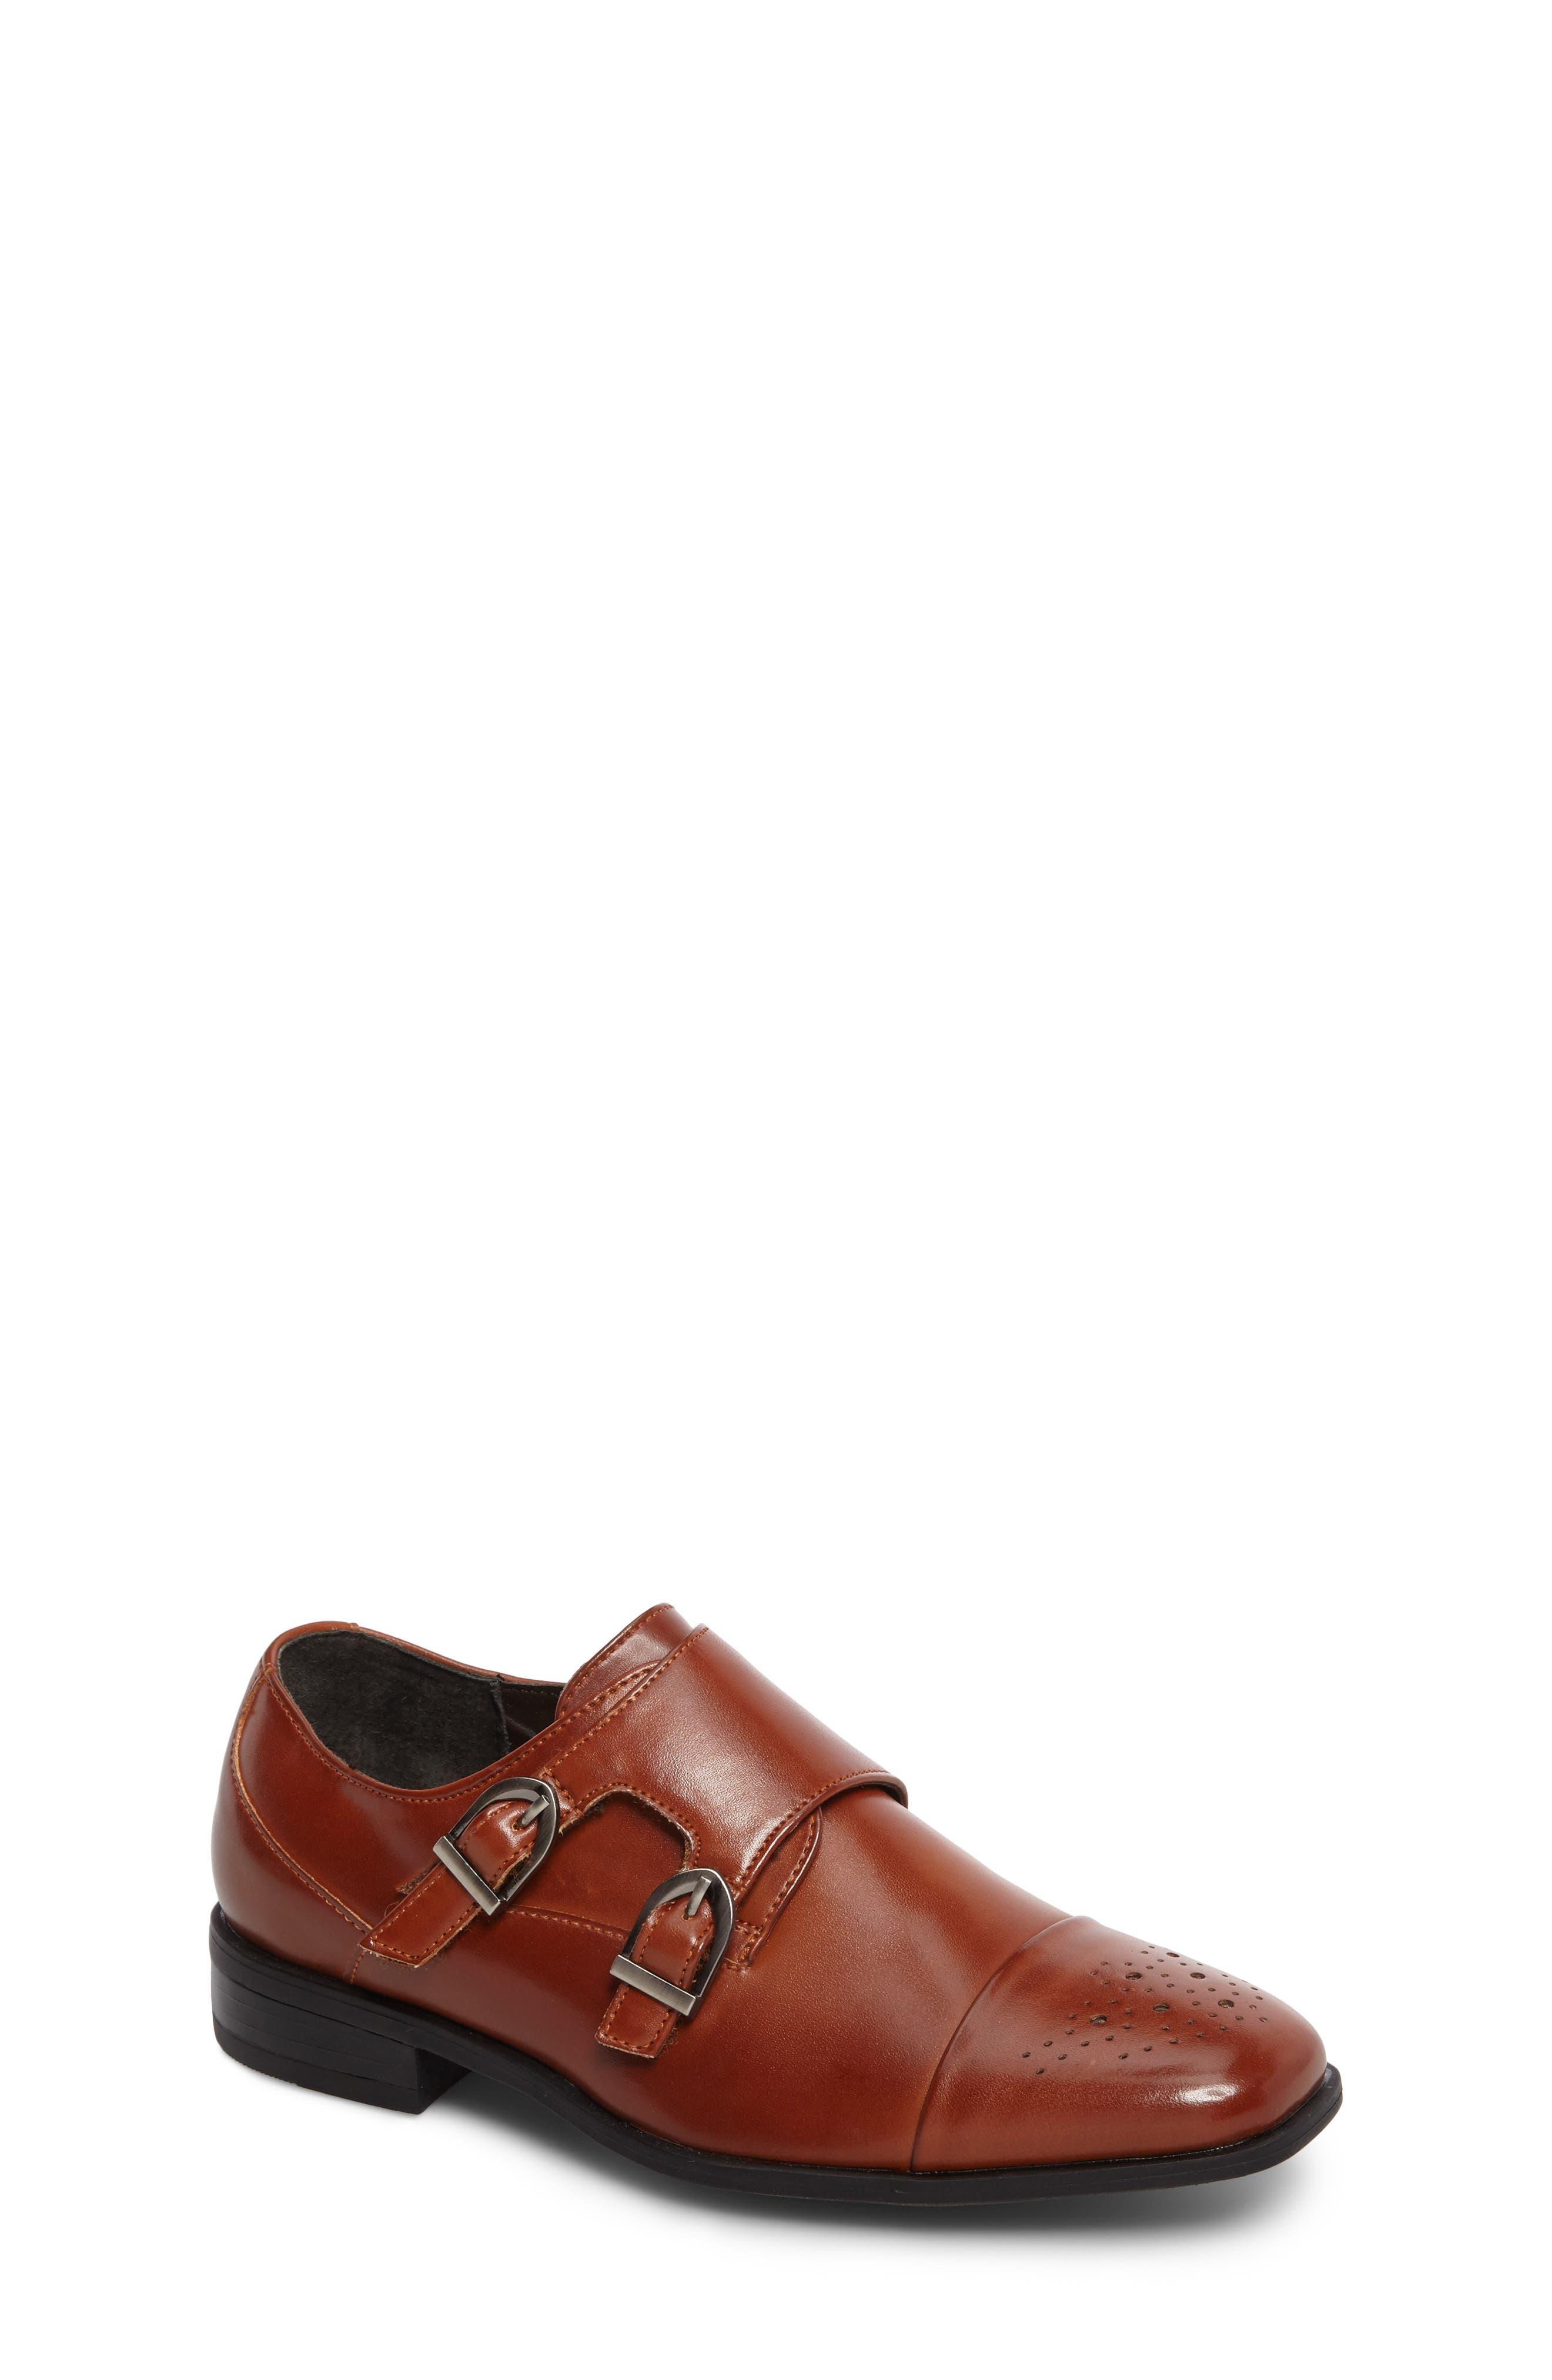 Trevor Cap Toe Monk Shoe,                         Main,                         color, Cognac